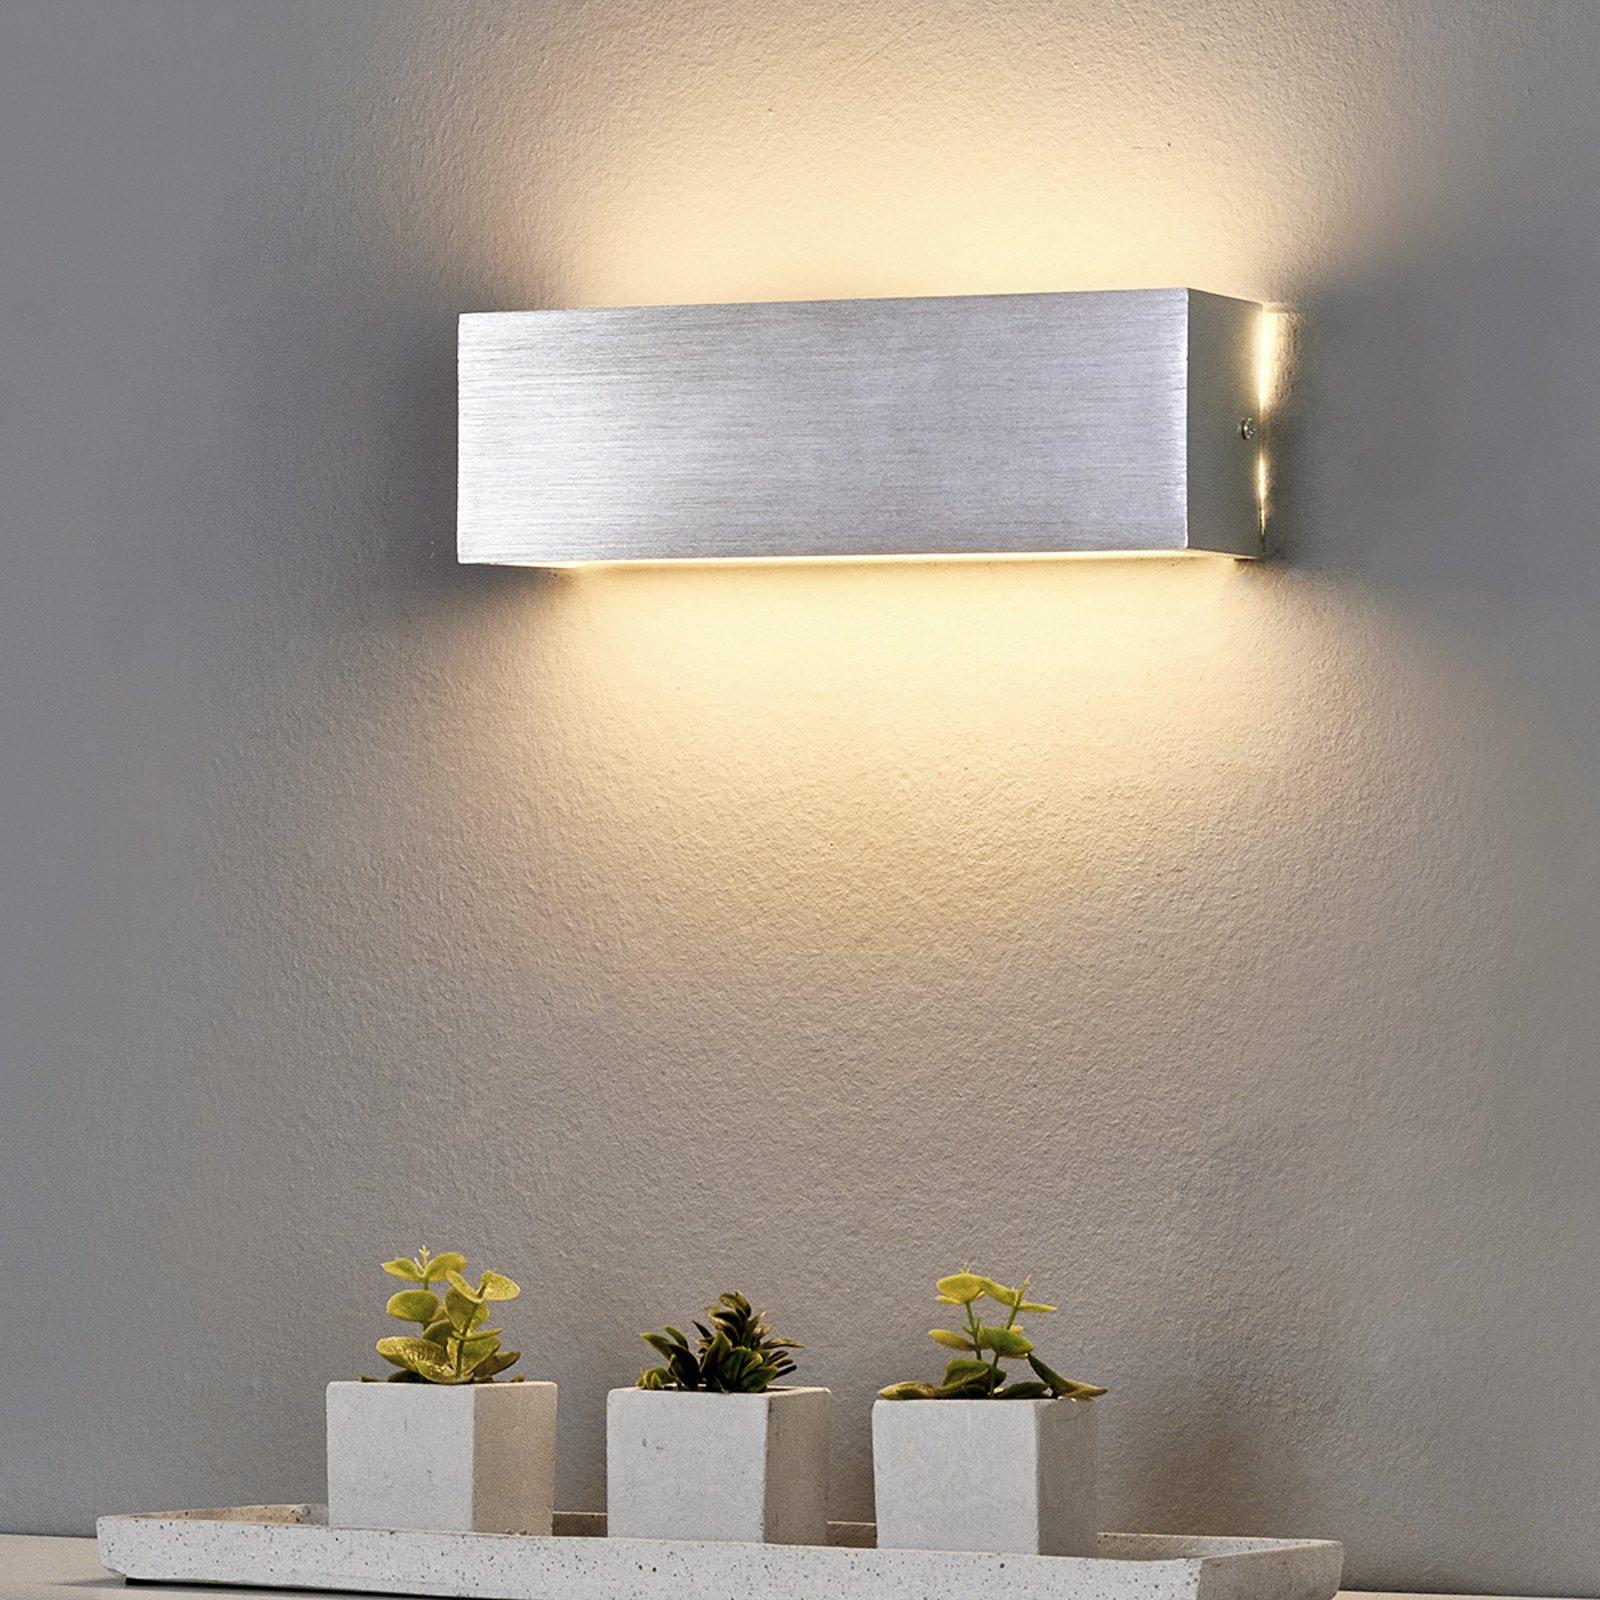 Kantet LED-vegglampe Ranik av aluminium